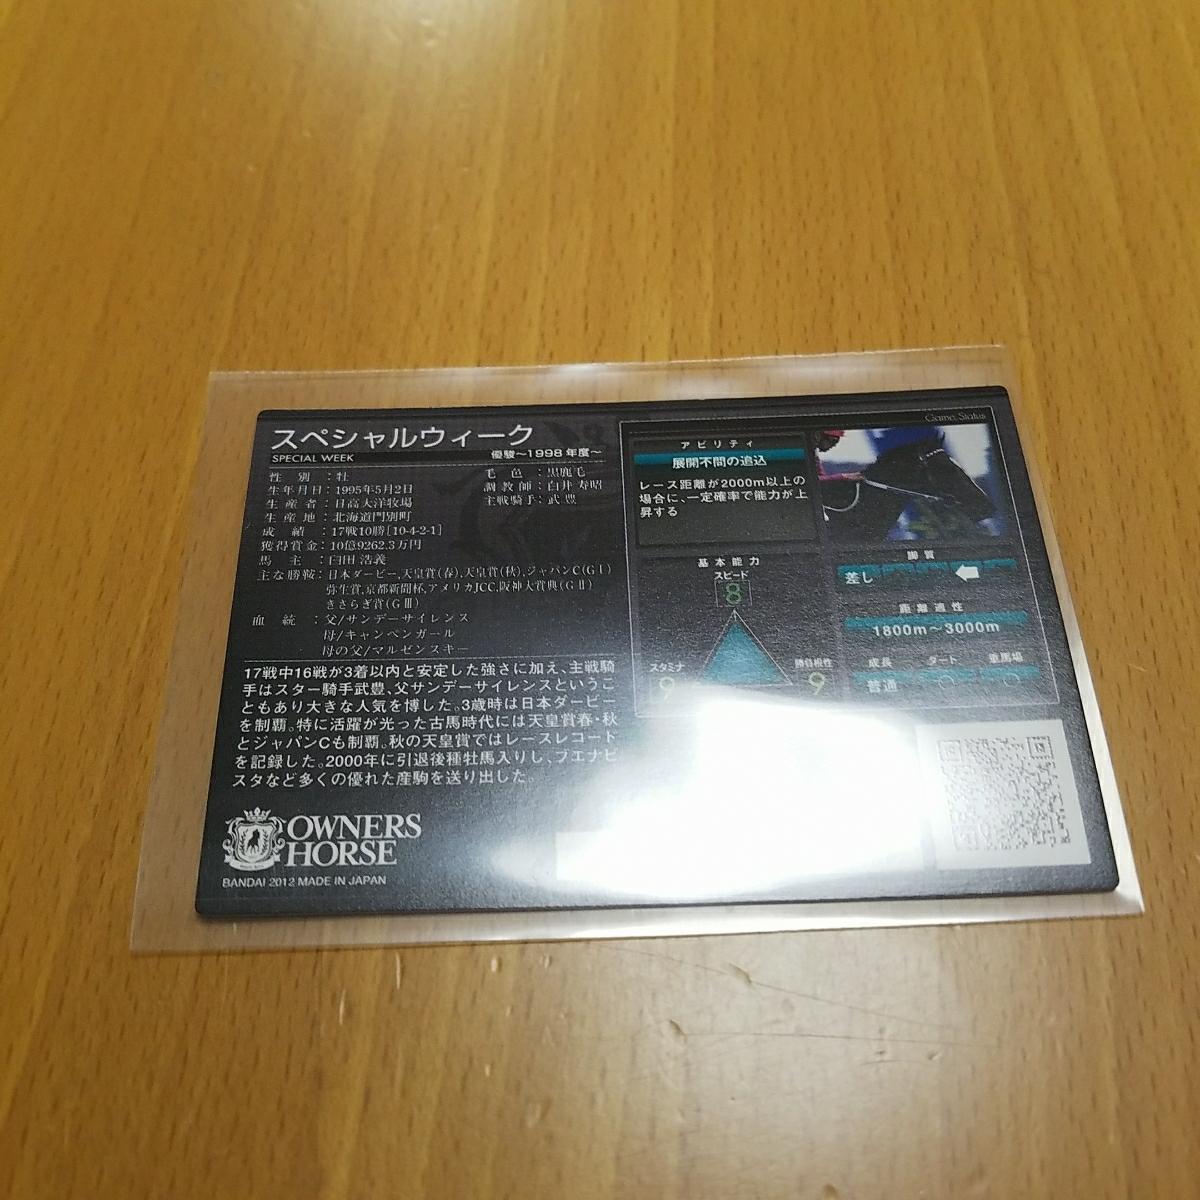 最終★競馬カード★オーナーズホース01★SSRスペシャルウィーク★_画像2